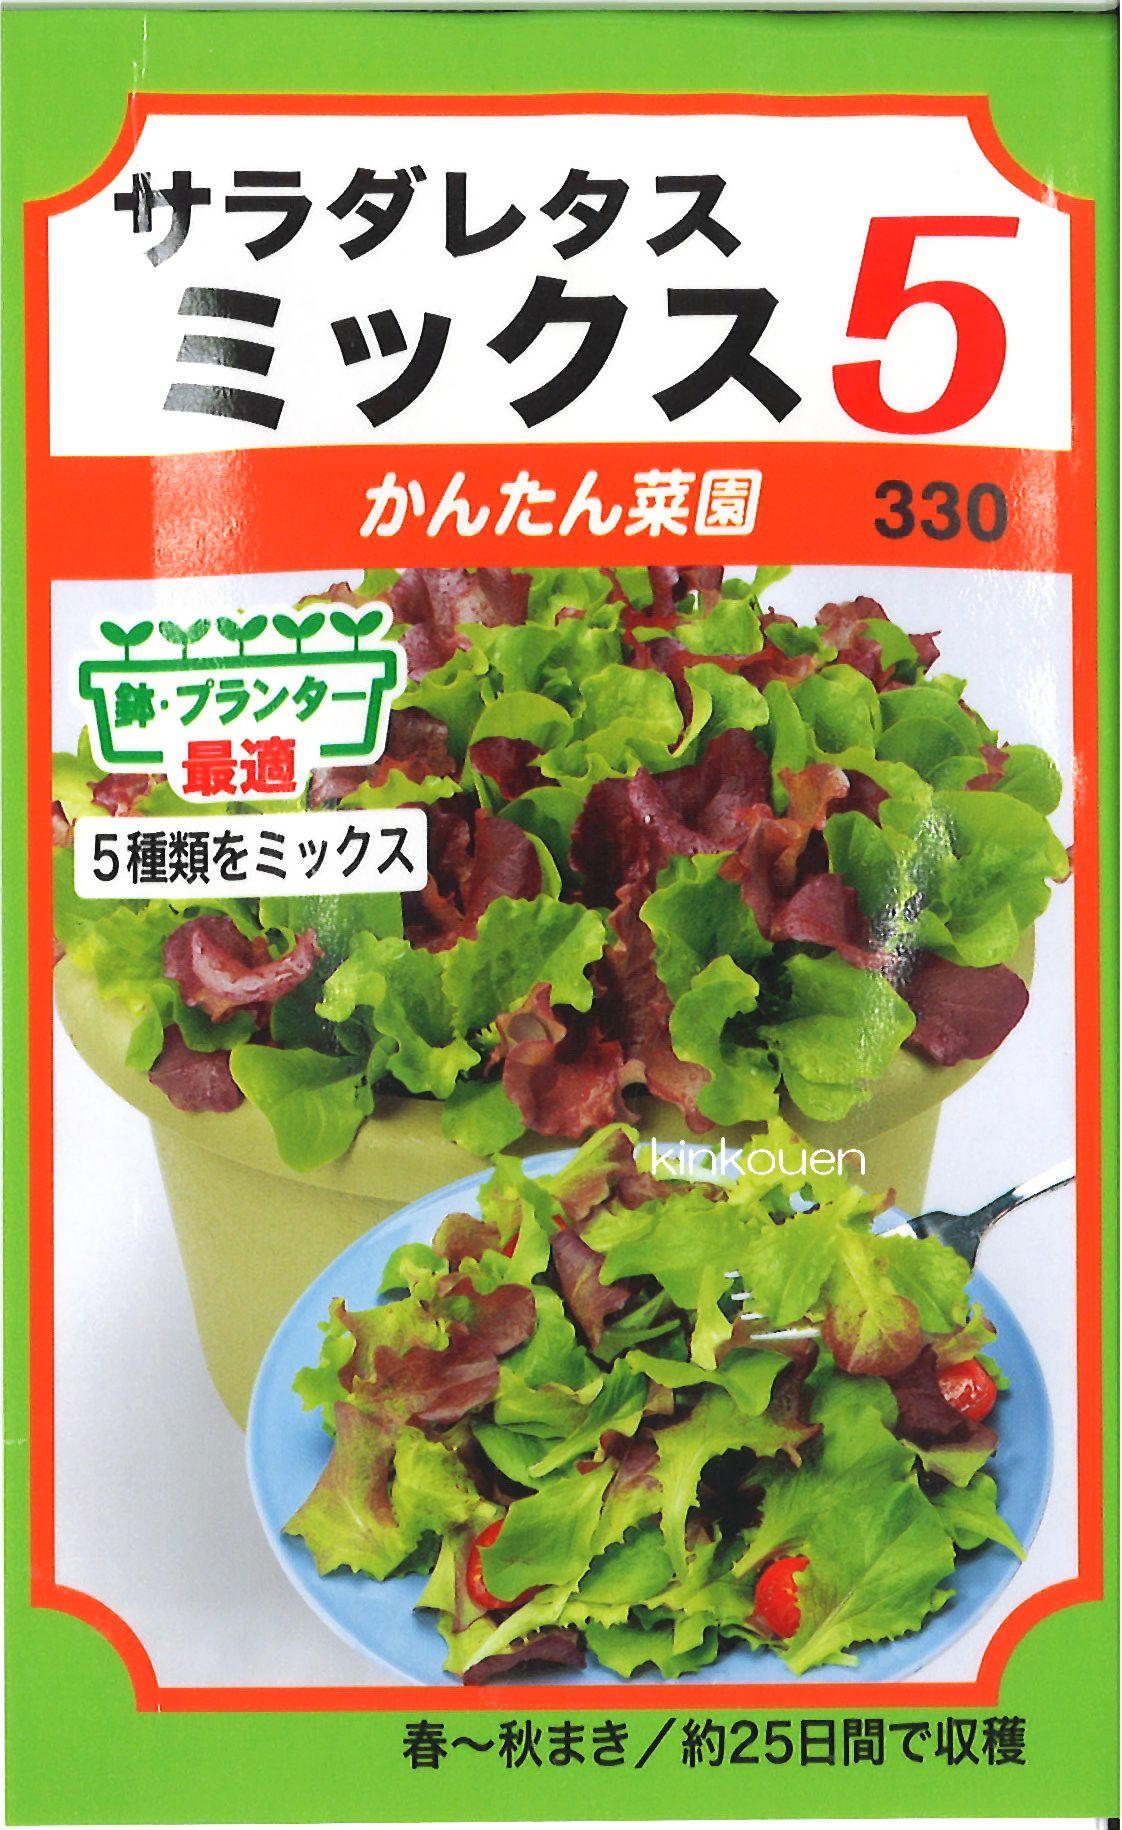 《代引不可》《5袋まで送料80円》 □サラダレタスミックス5